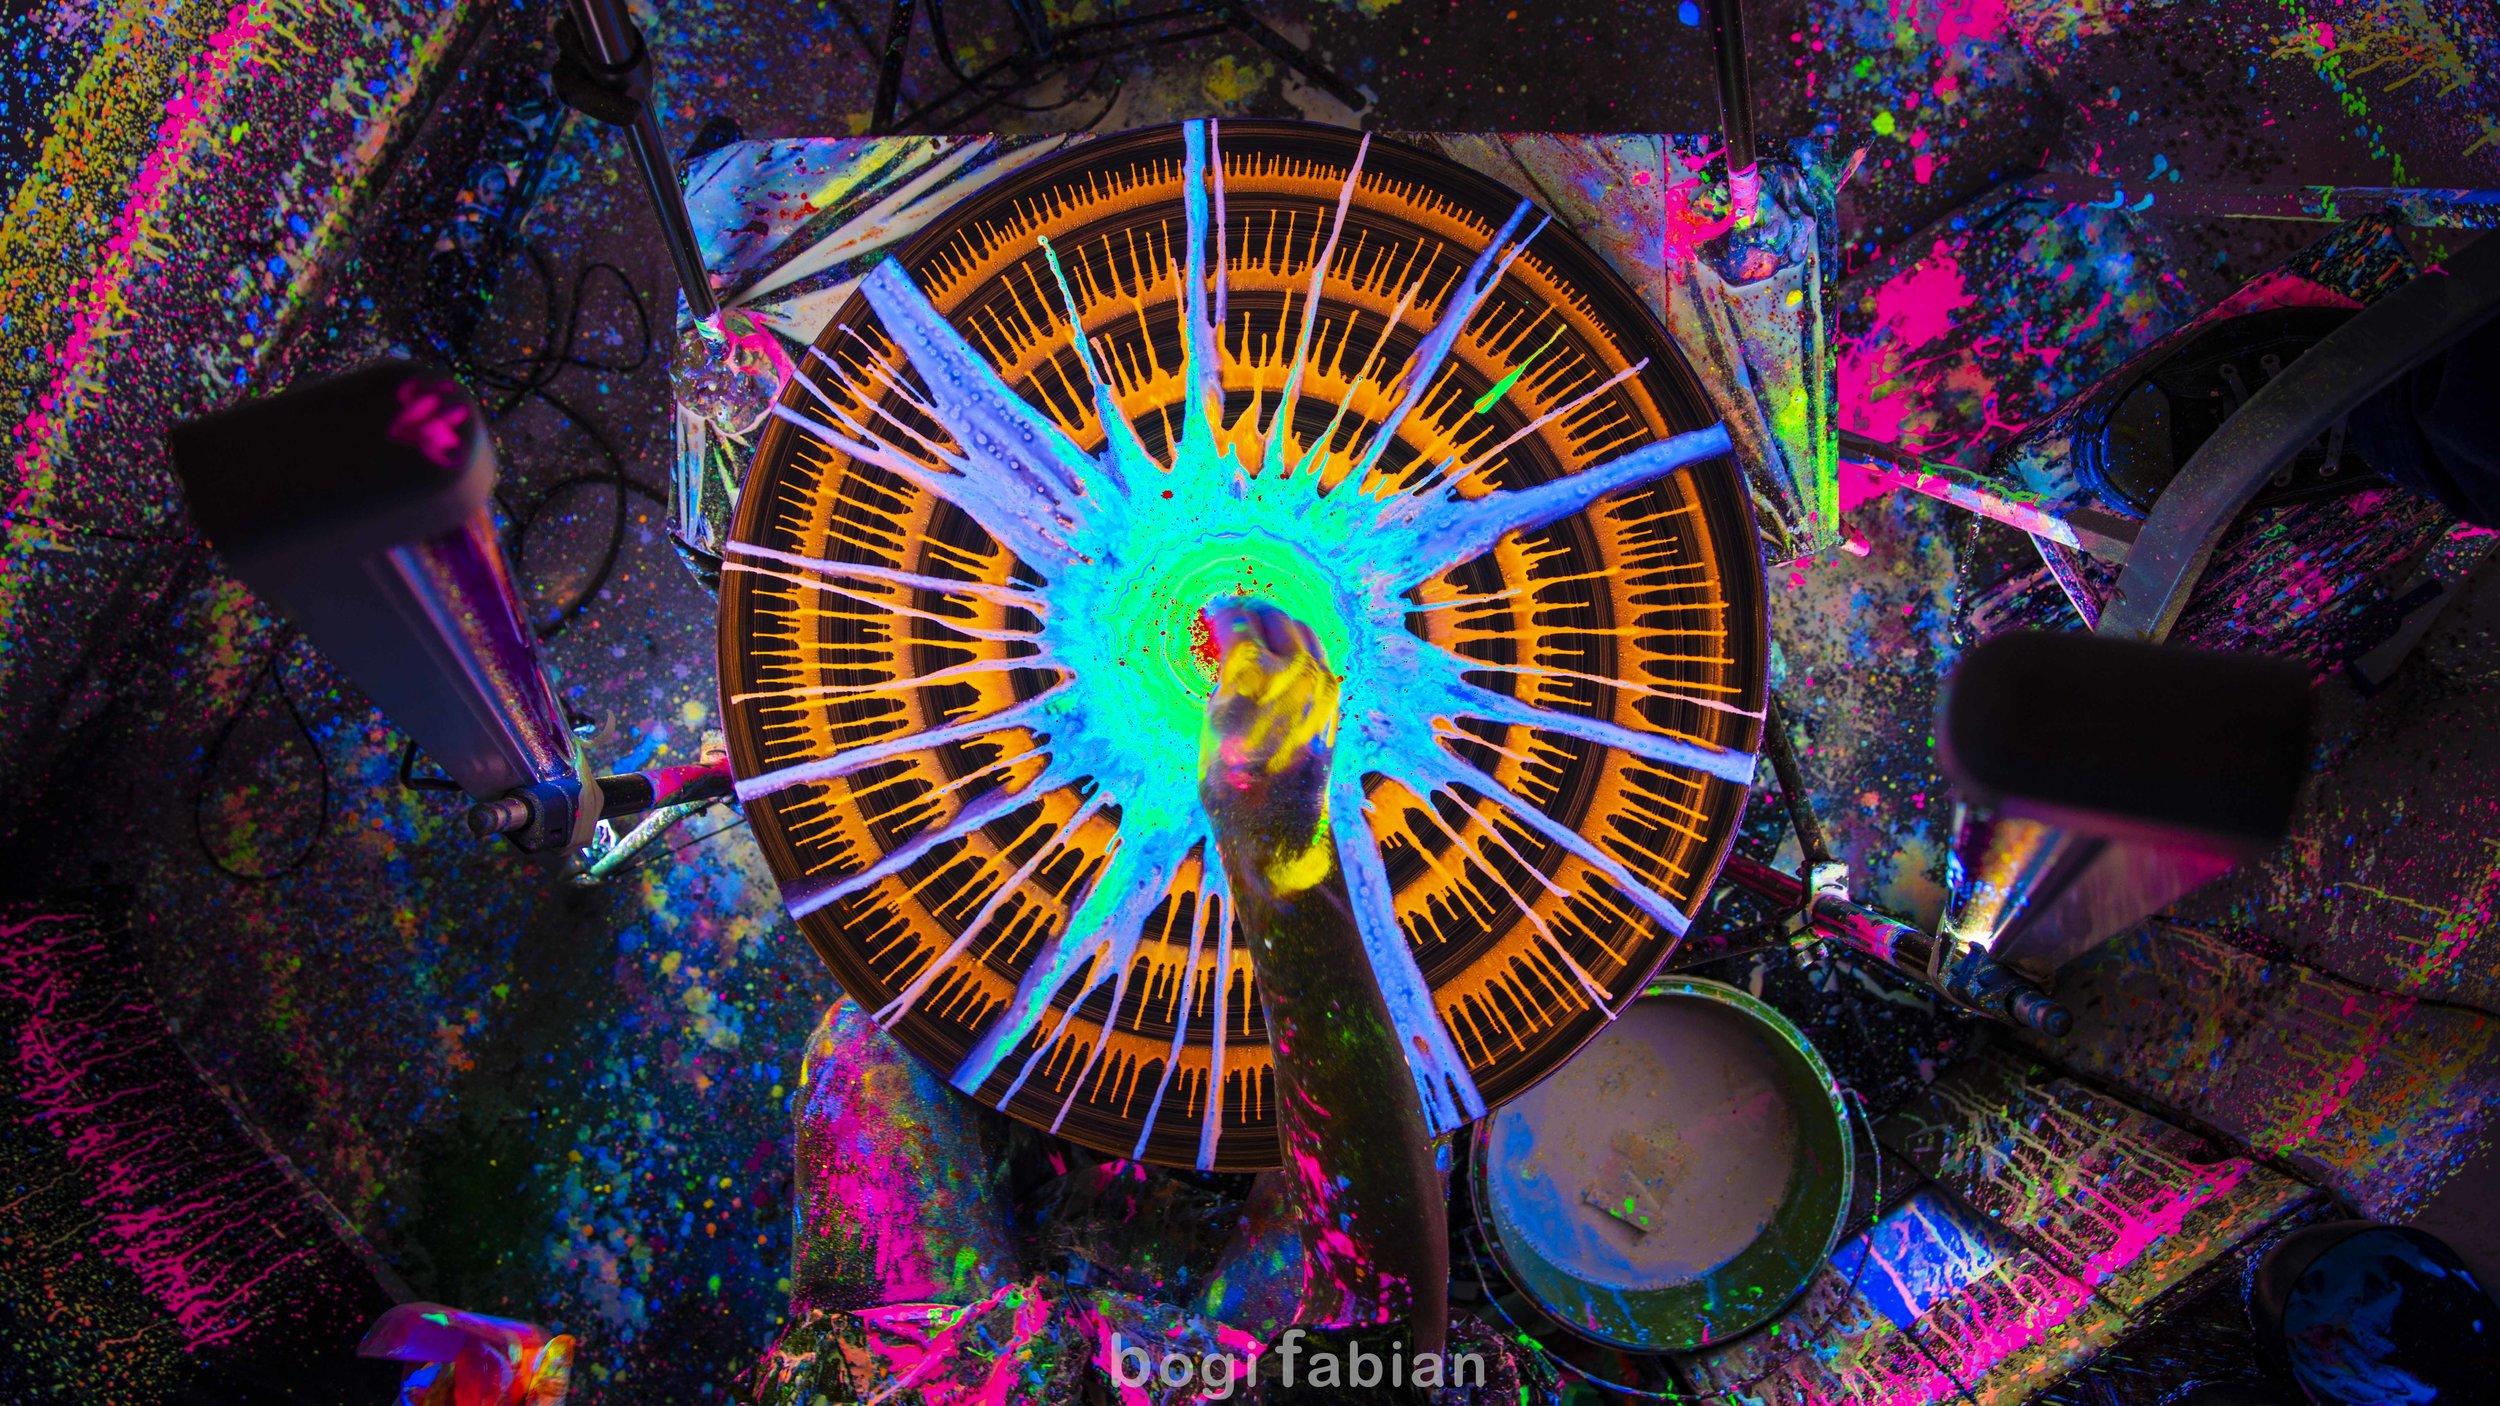 002 Bogi Fabian Hypnotising potter's wheel Fun under Ultraviolet Light  .jpg